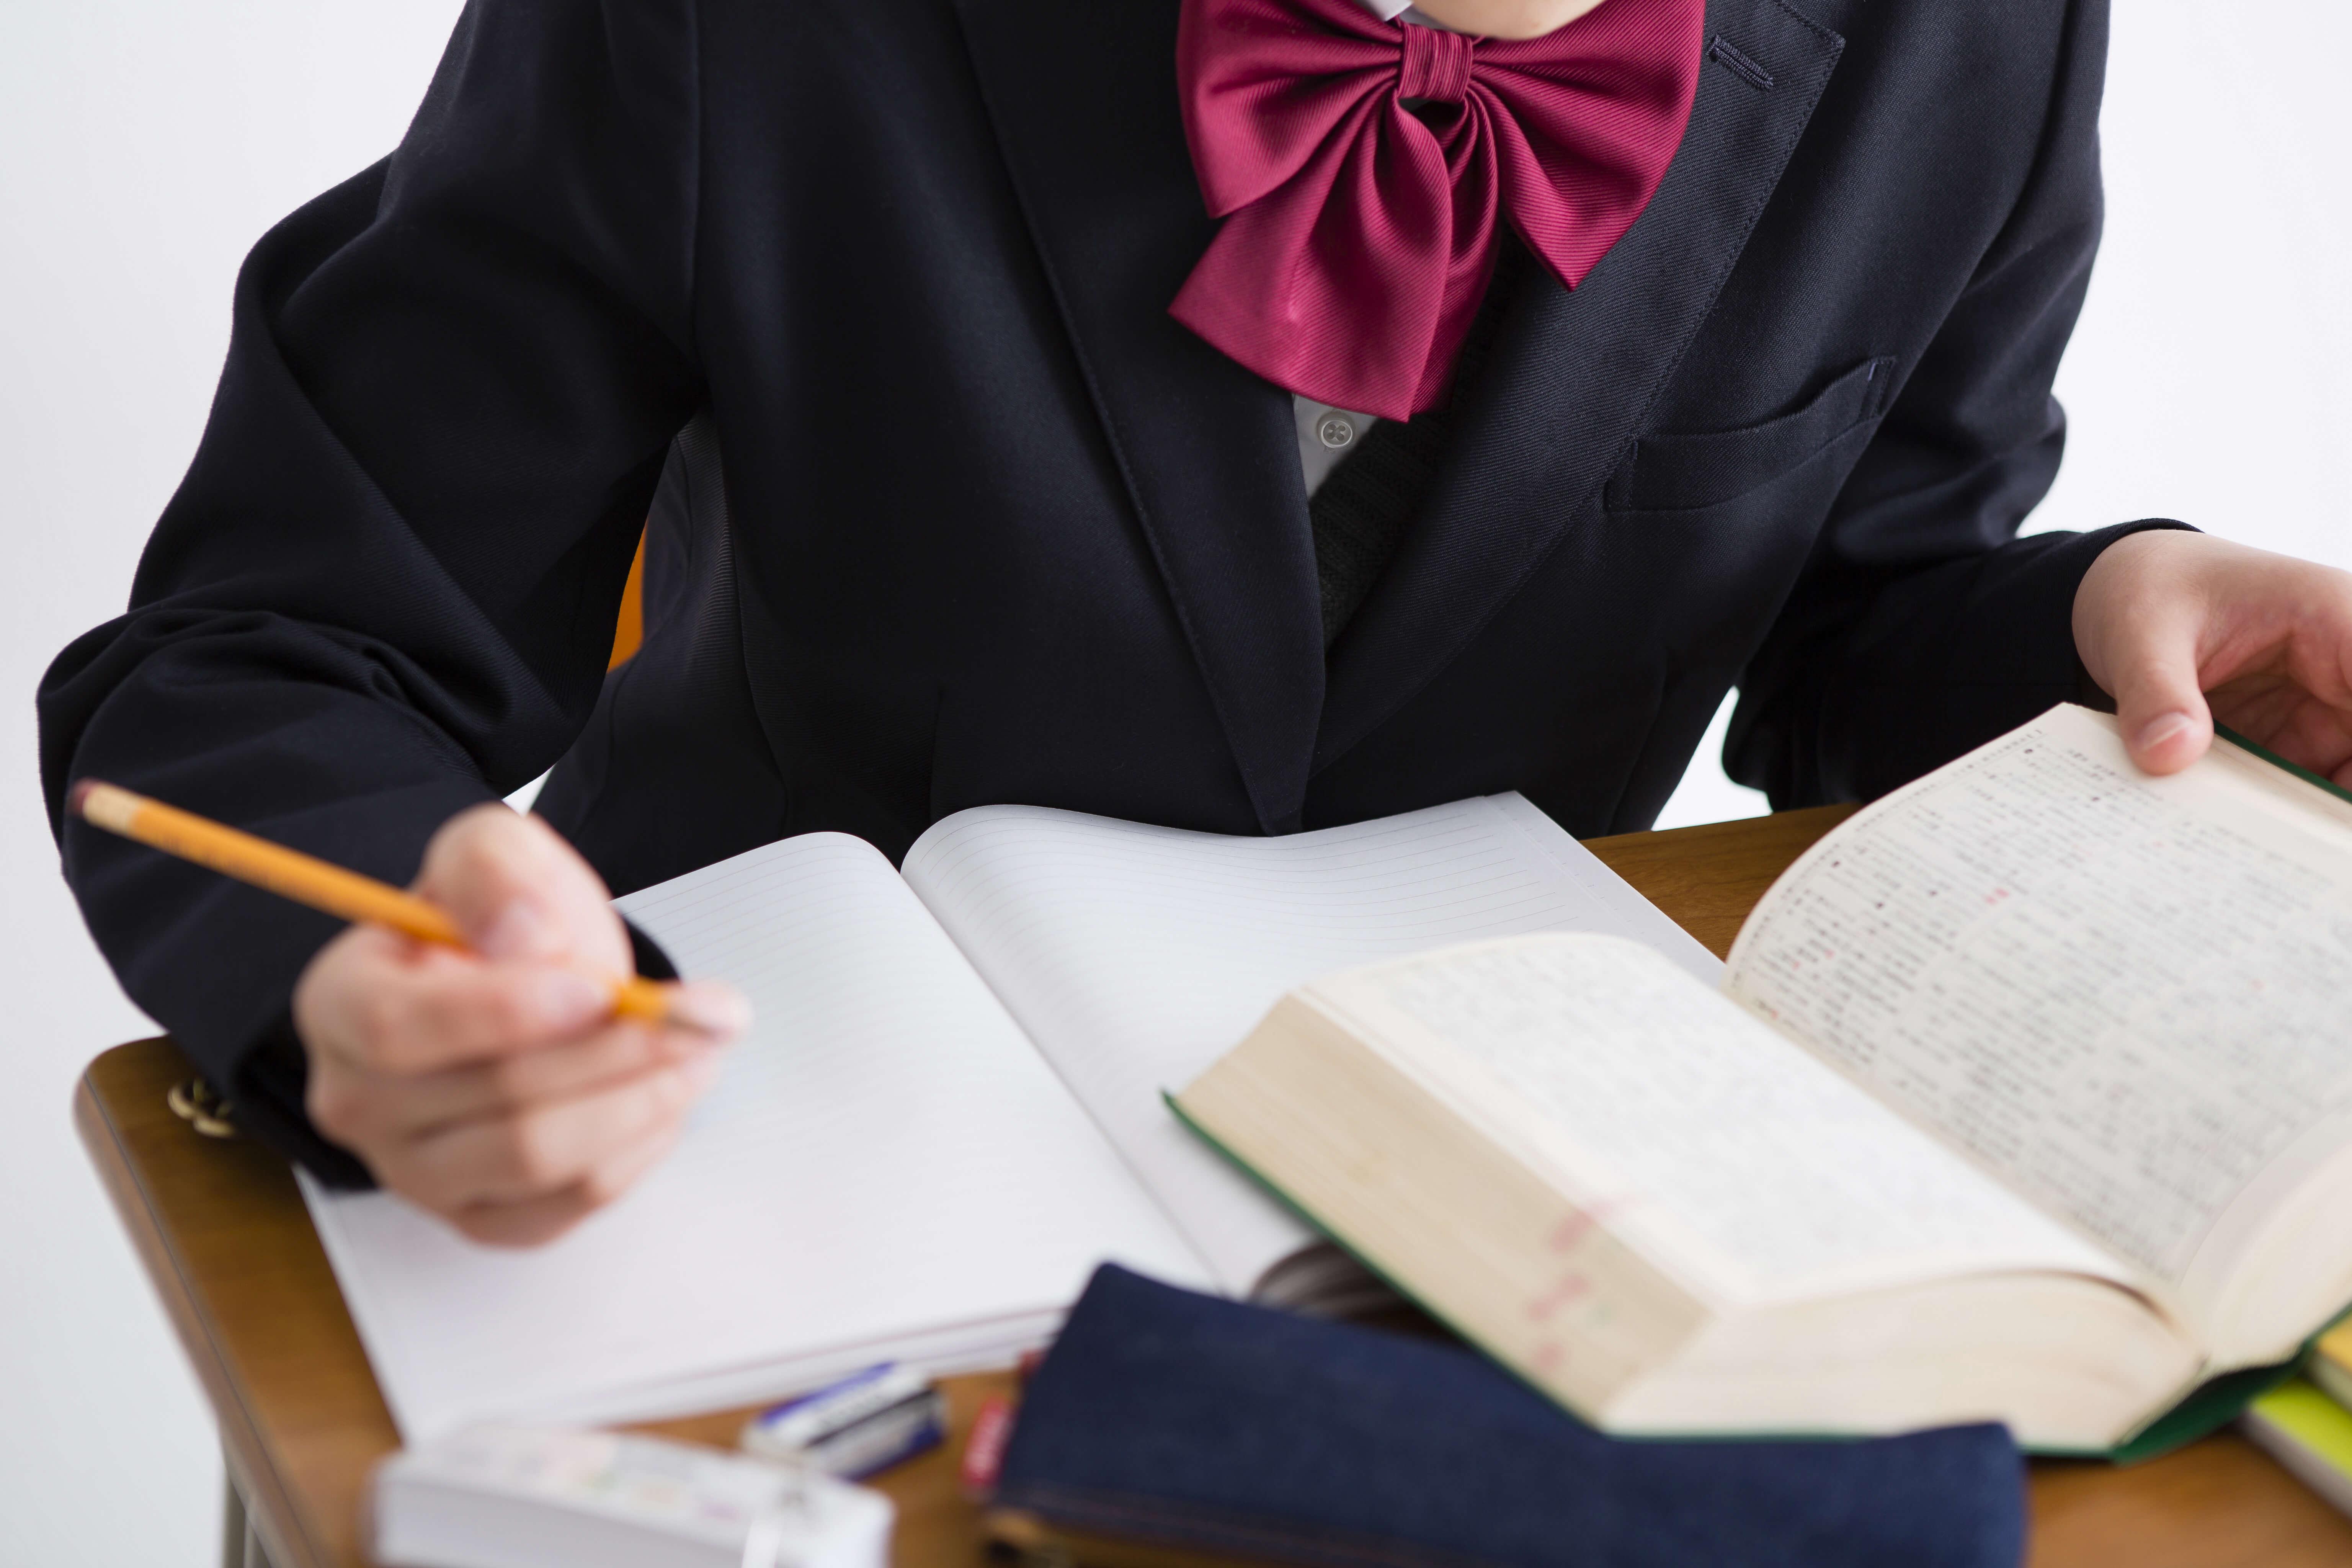 教育情報サイト『 ザワナビ 』が今春開校する「 授業をしない塾」。授業をしない塾ってどういうこと ?!